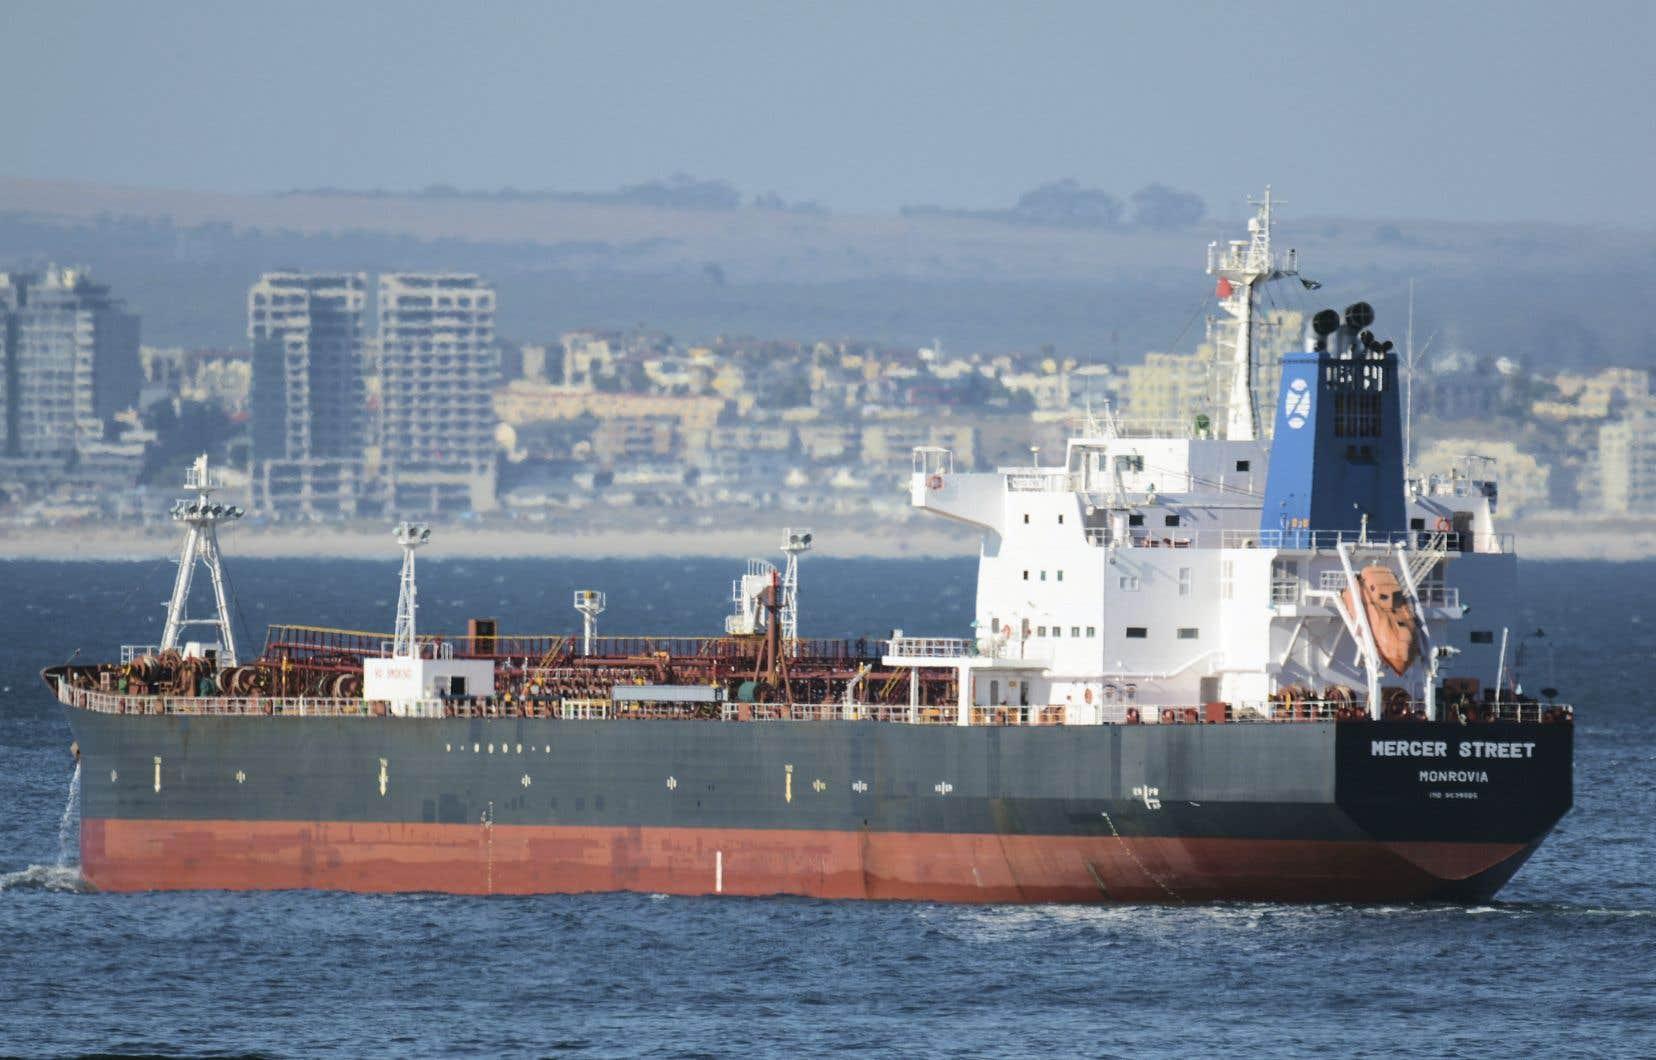 Jeudi, le pétrolier Mercer Street (qu'on voit ici en janvier 2016), géré par la société d'un milliardaire israélien, a été la cible d'une attaque au drone, selon l'armée américaine qui dispose de navires dans la région.